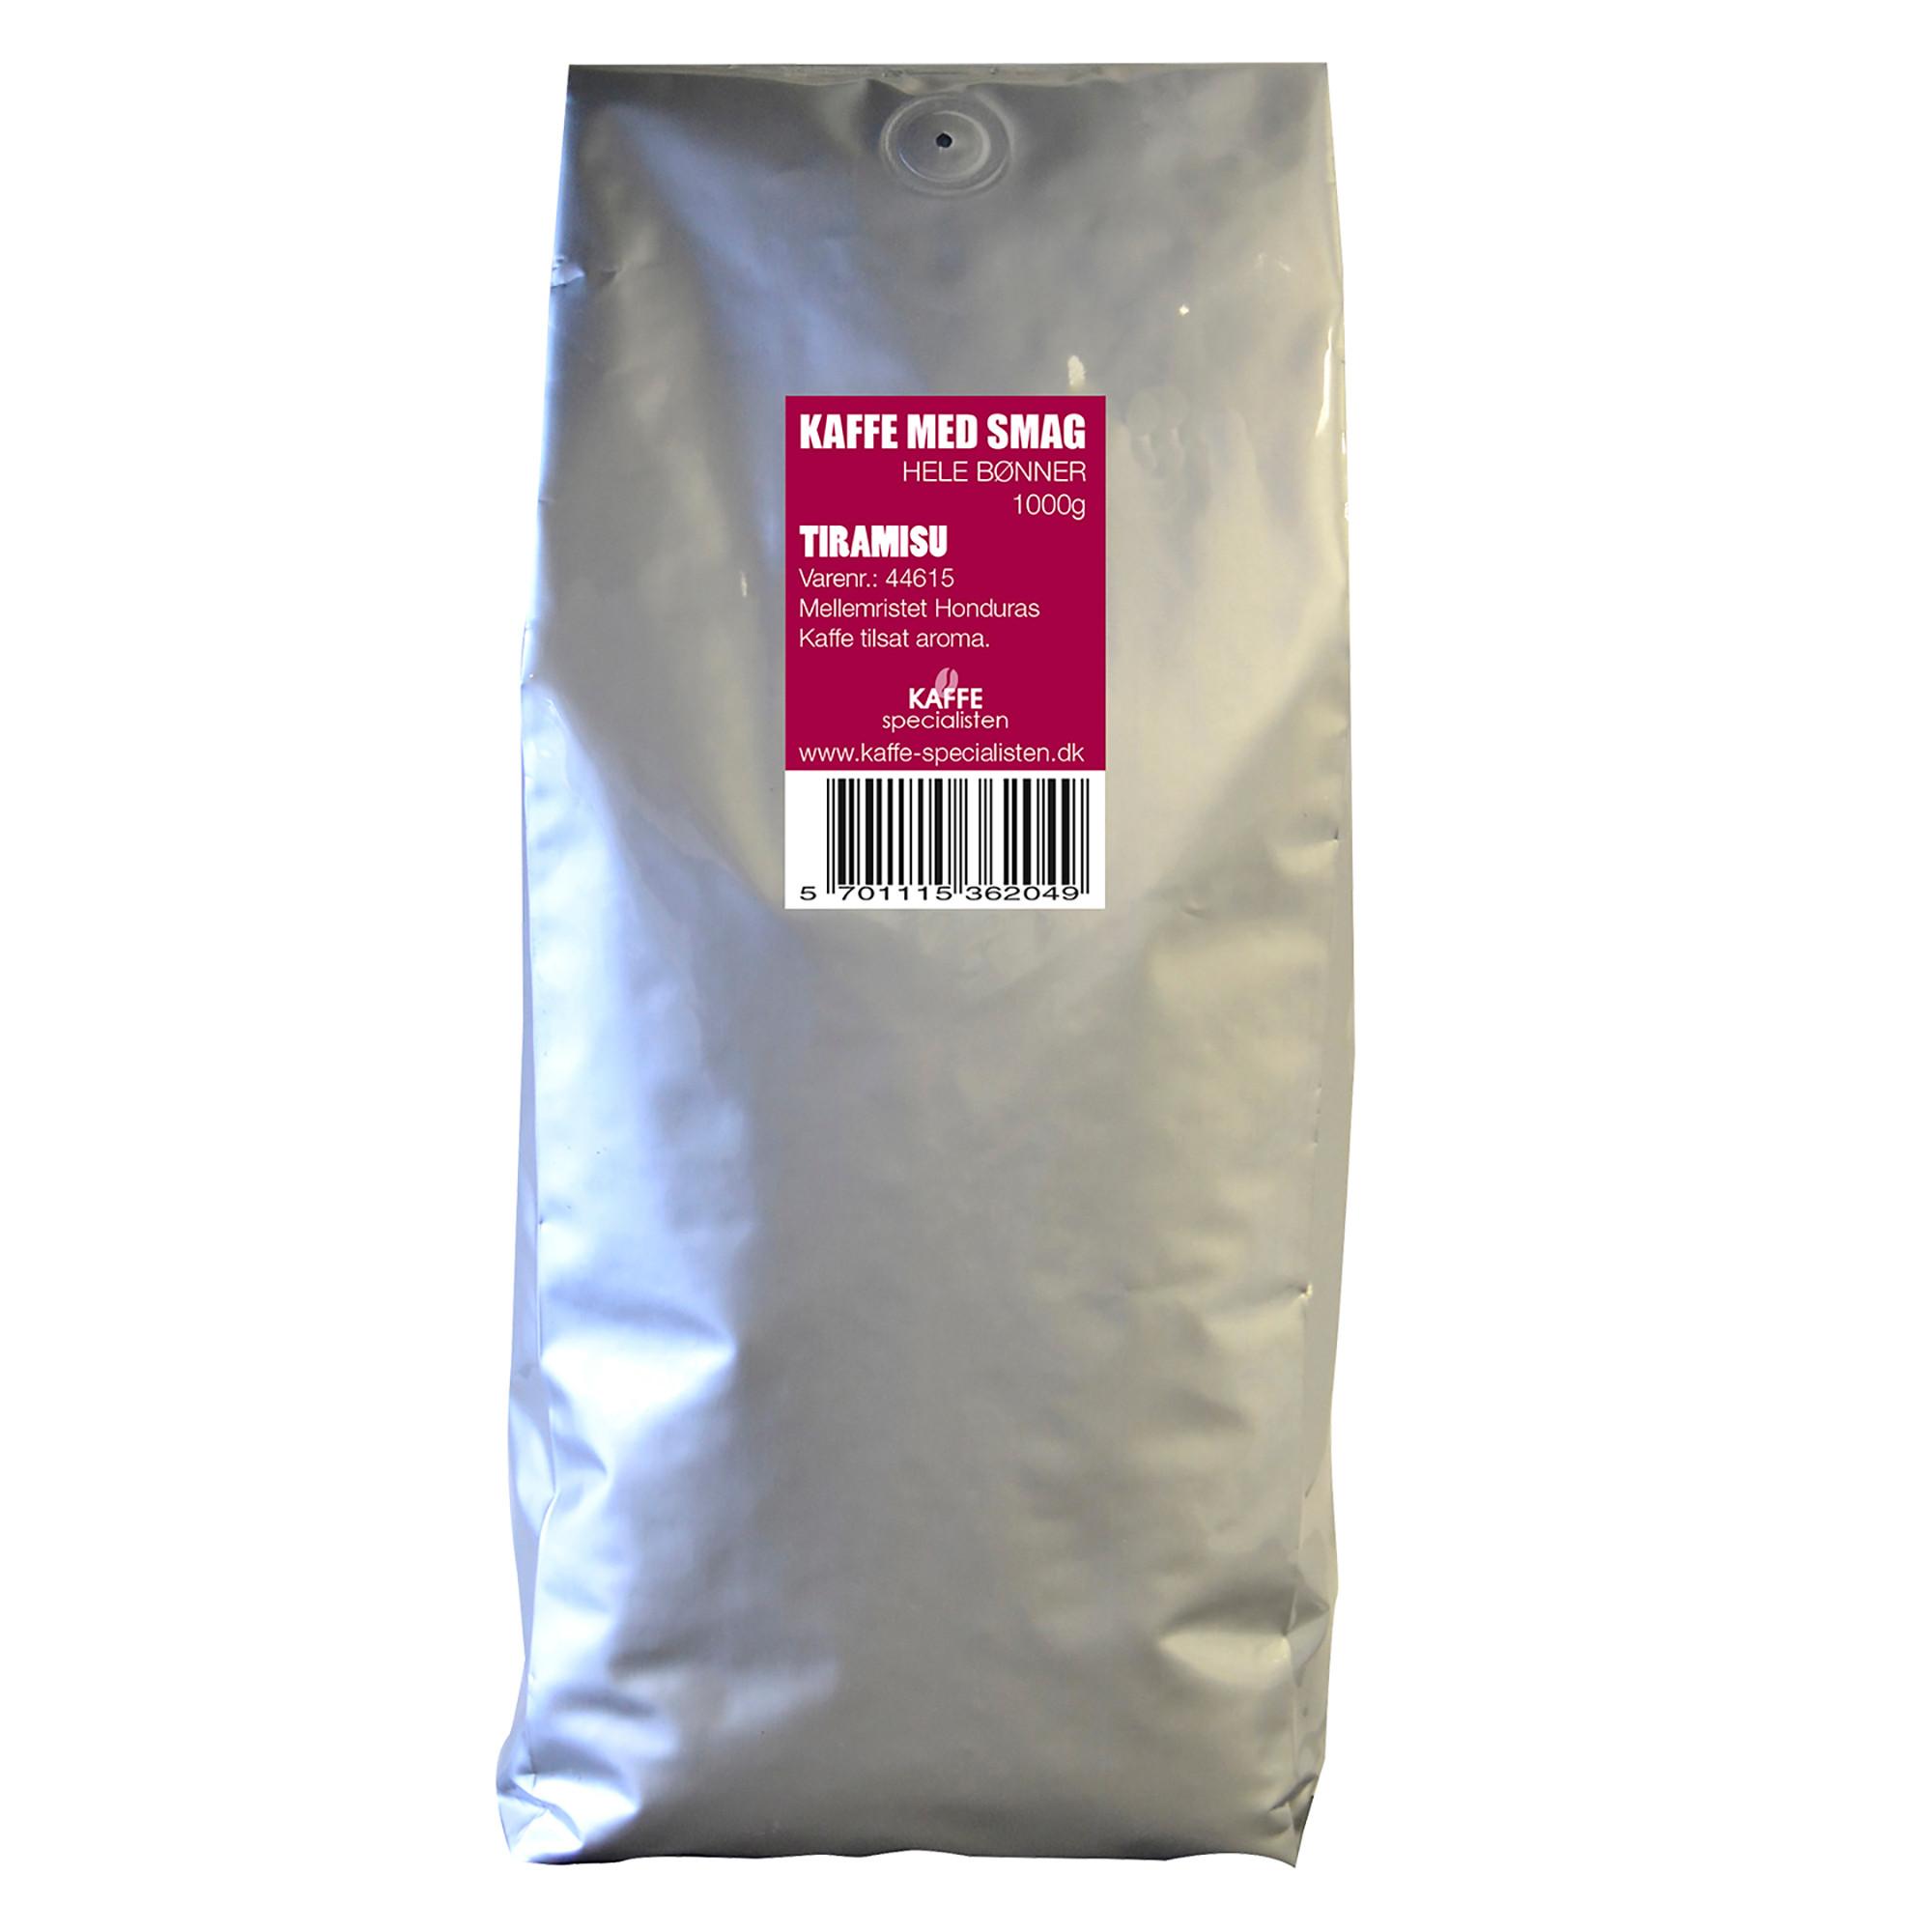 KAFFE Specialisten Kaffebønner Tiramisu Smag